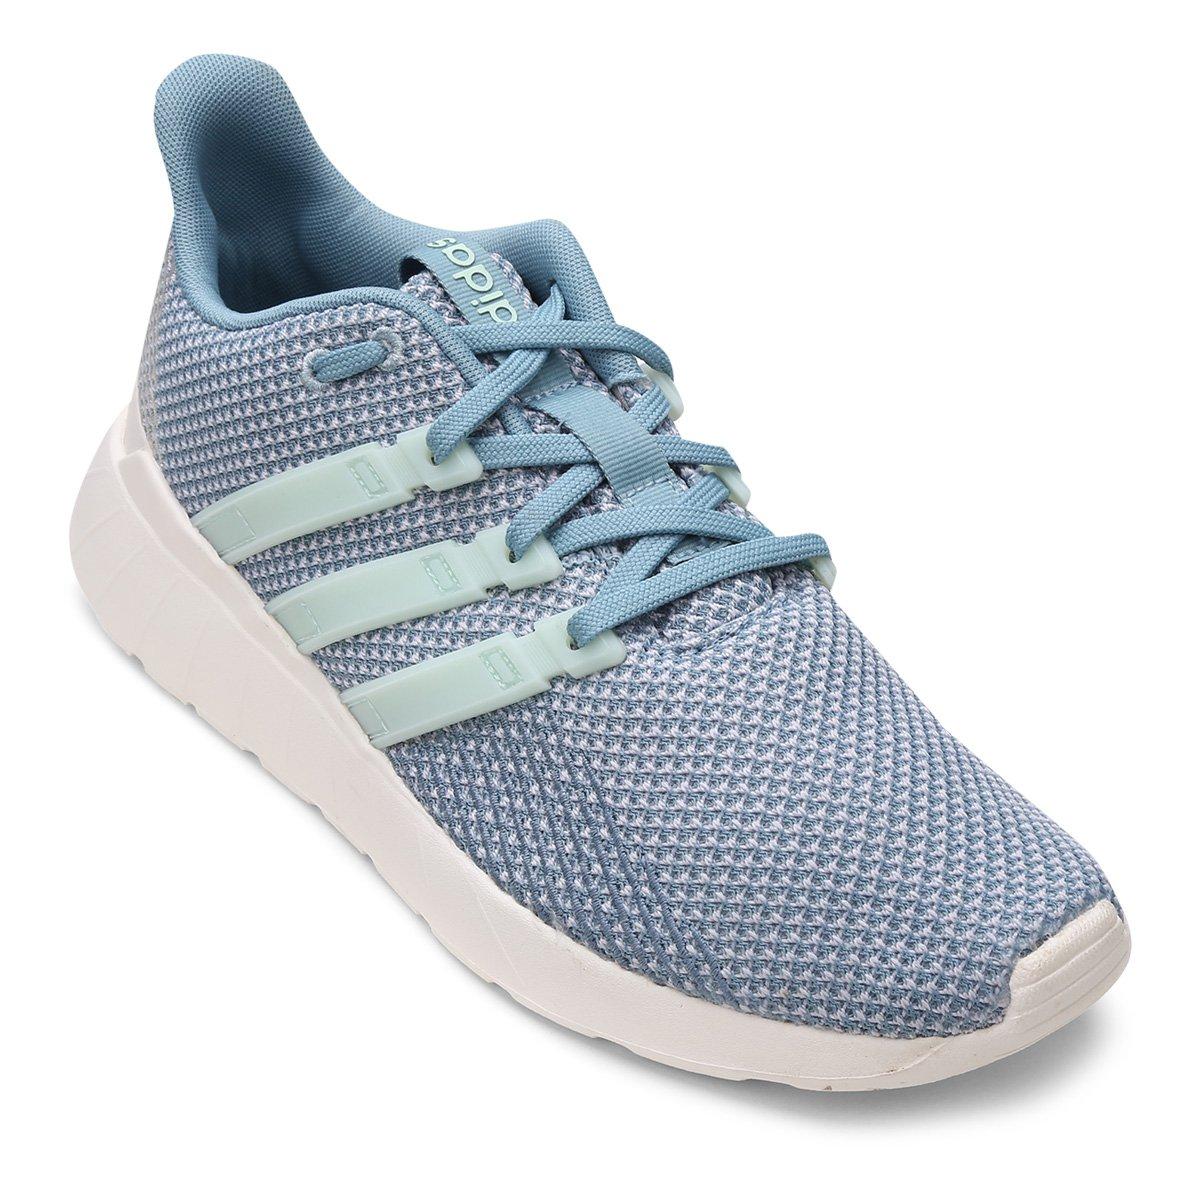 bdfedc19cf3 Tênis Adidas Questar Flow Feminino - Cinza - Compre Agora